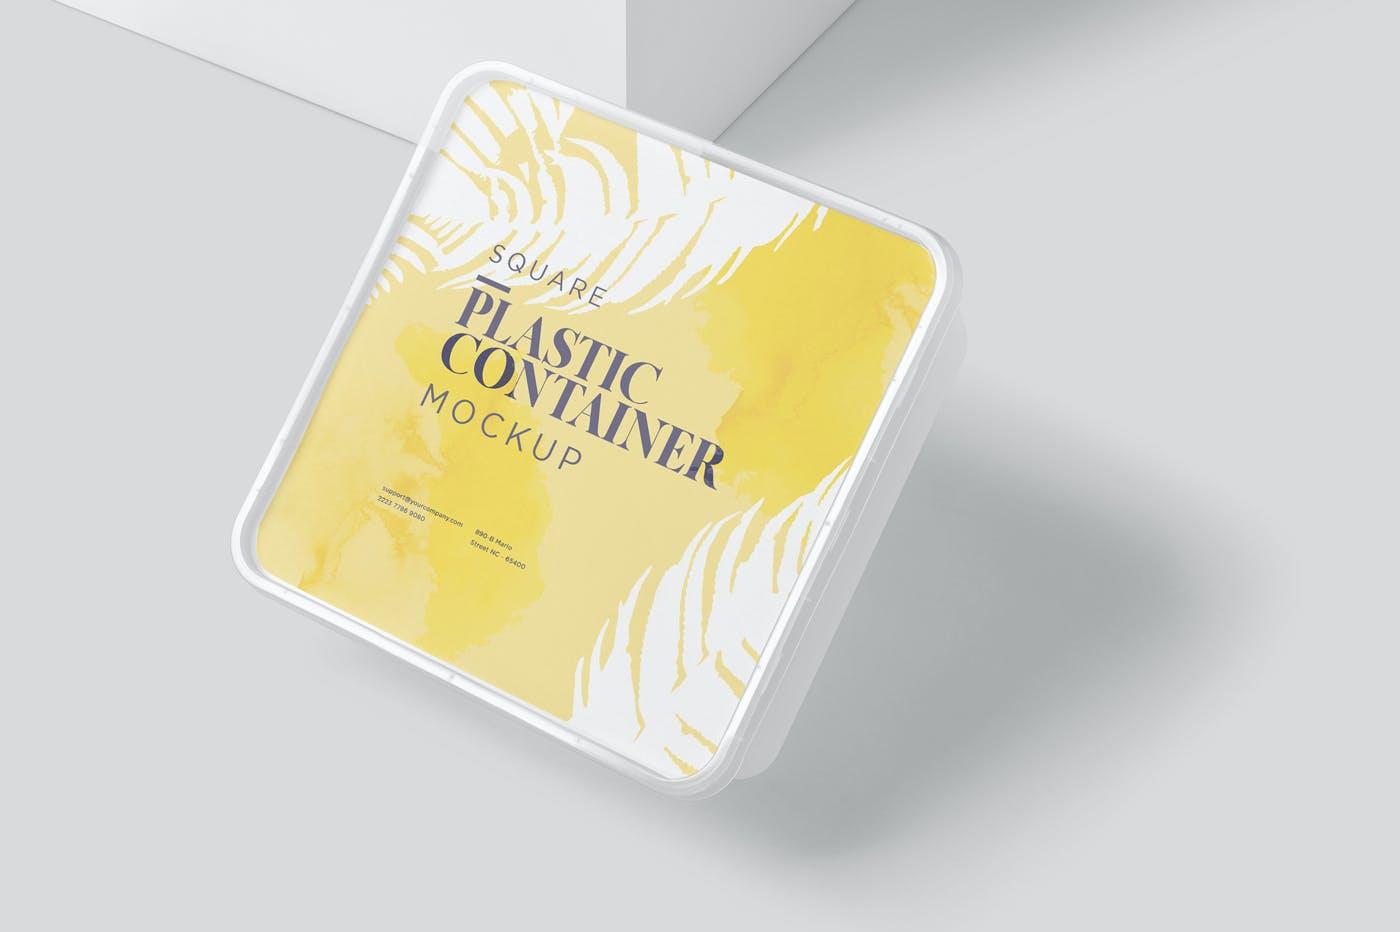 方形透明塑料容器模型样机素材6TQGY3E插图(5)